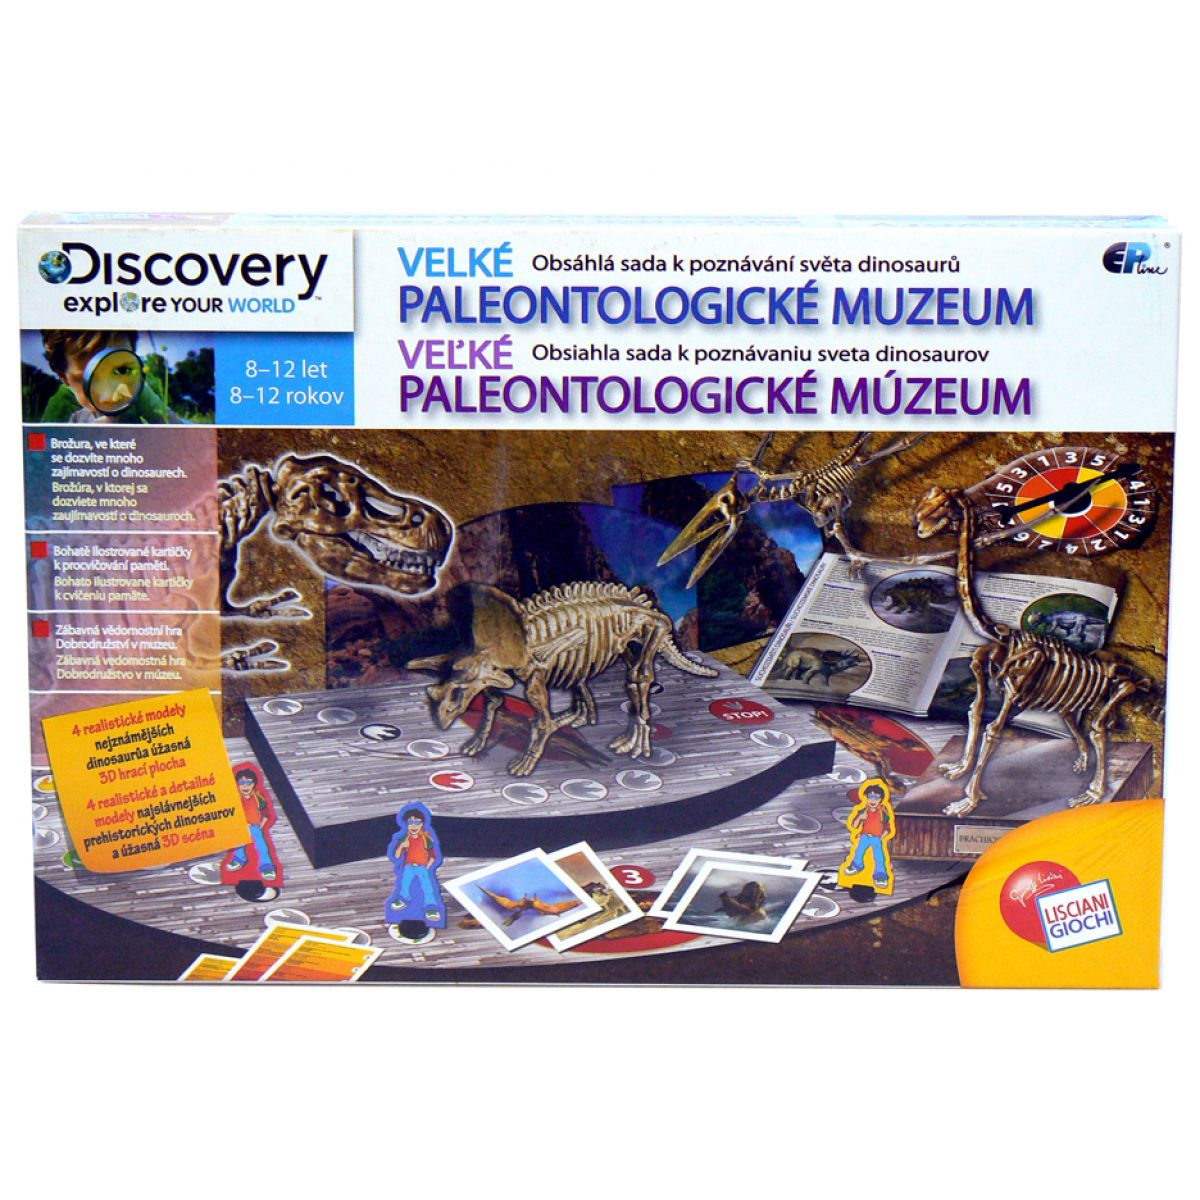 EPLine DIT1514 - Velké paleontologické muzeum